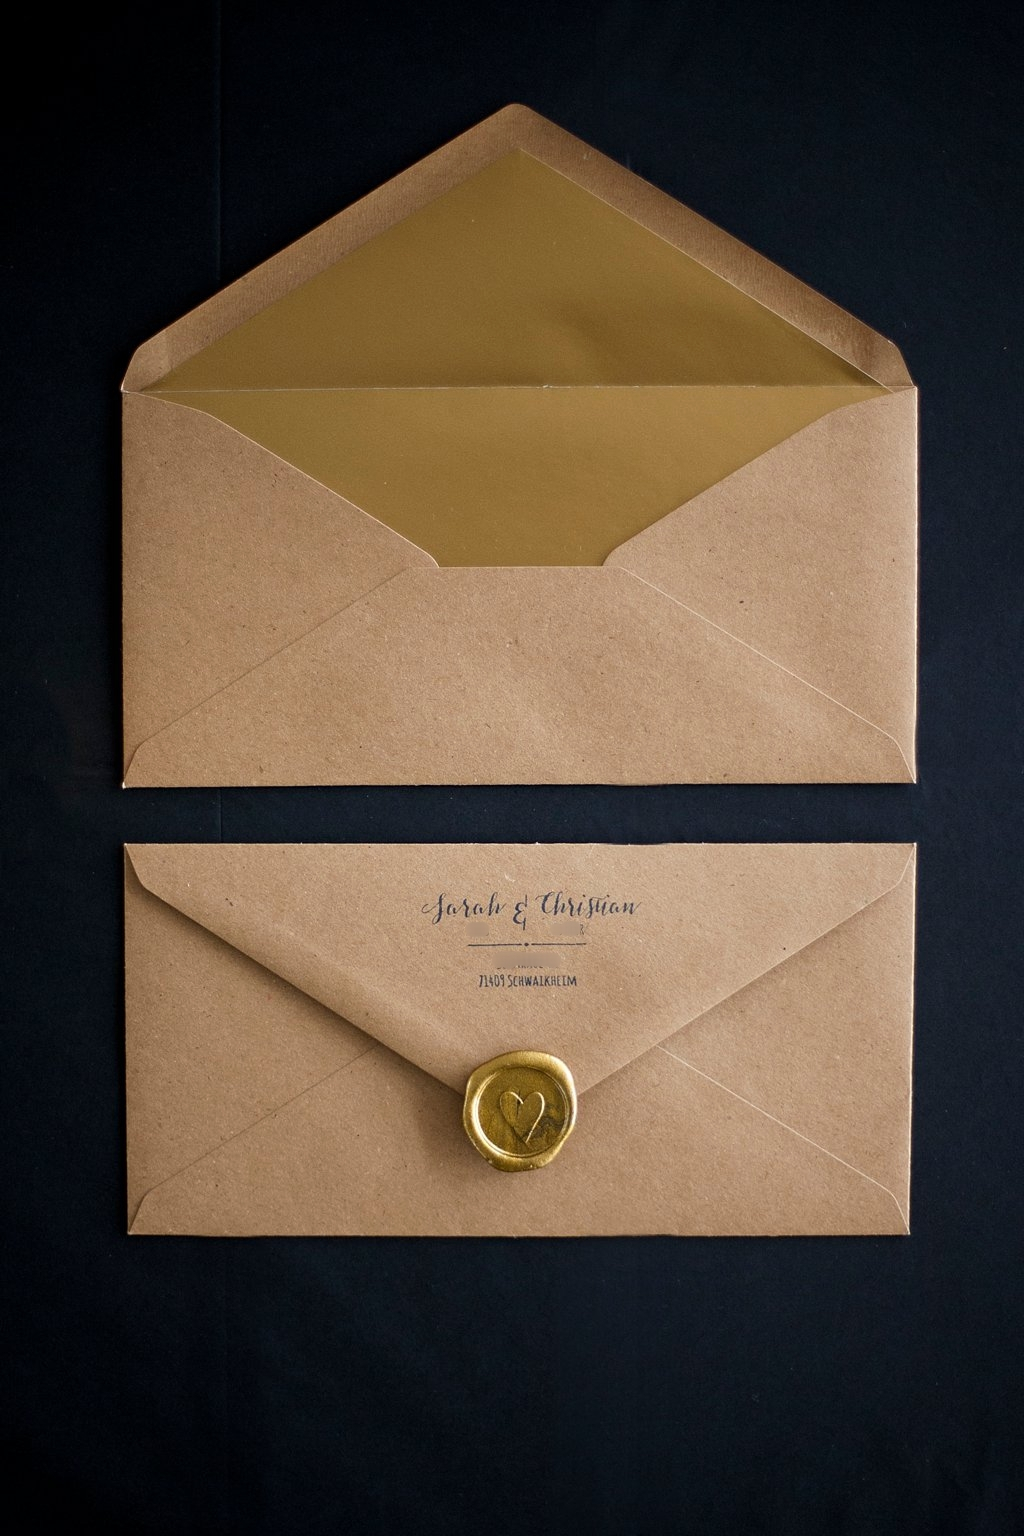 Kraftpapier Briefumschlag DinLang mit goldenem Inlay